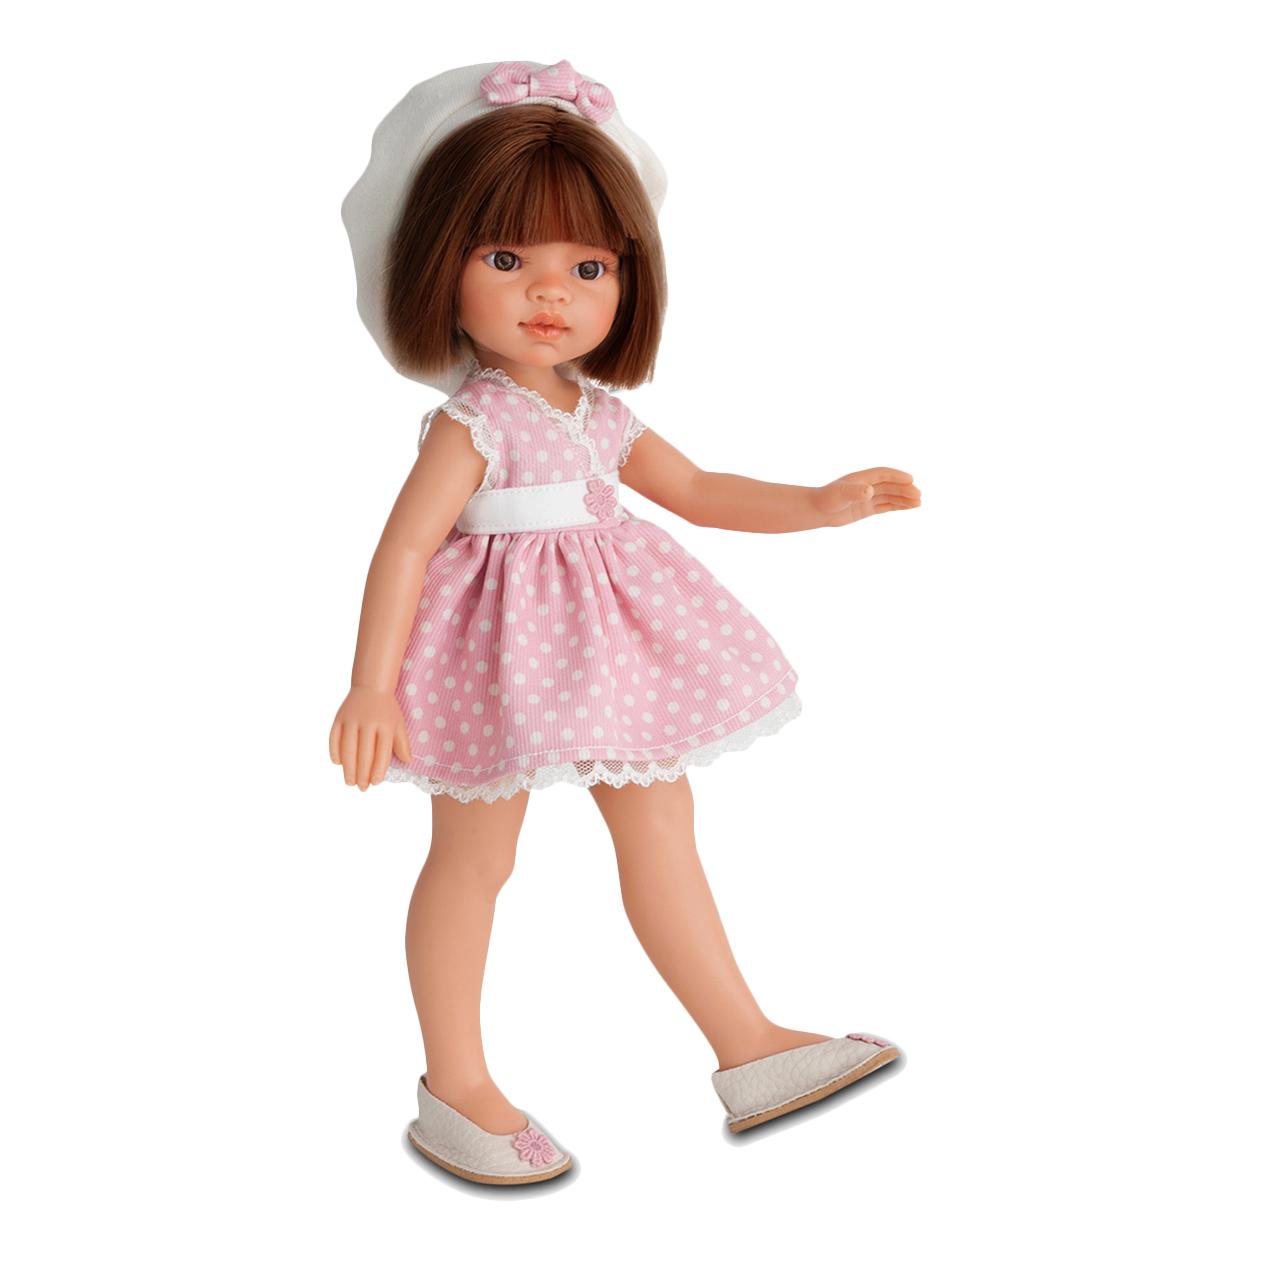 Эмили летний образКукла Эмили от Munecas Antonio обязательно понравится юной любительнице кукол. Куклы Munecas Antonio отличаются своей реалистичностью и качеством, так что для ребенка будет большим удовольствием играть с Эмили. Она одета в летнее платьице и выглядит очень свежо. С такой куклой можно играть в различные сюжетно-ролевые игры, брать ее с собой. Эмили станет настоящим другом и подарит много позитивных эмоций своей обладательнице.<br>